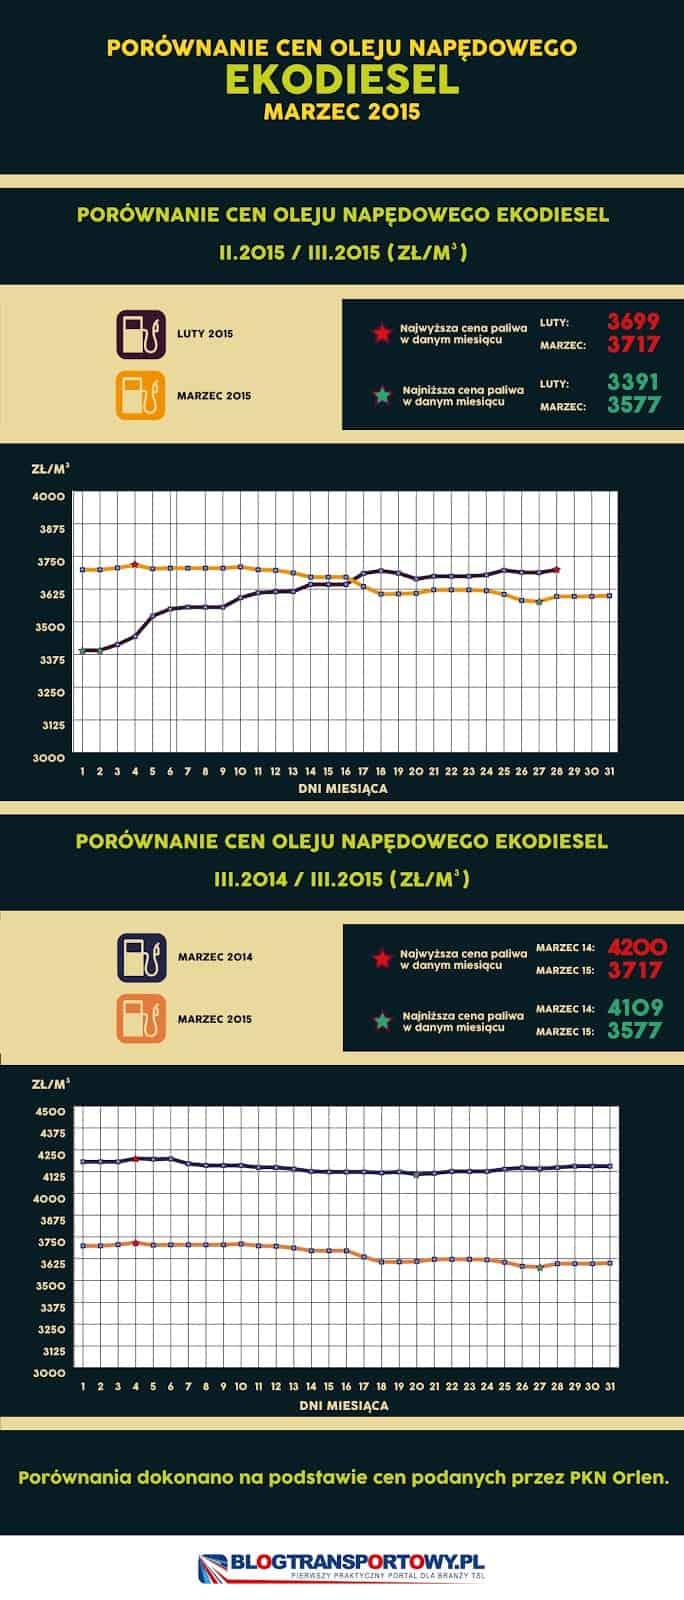 Porównanie cen paliw - marzec 2015